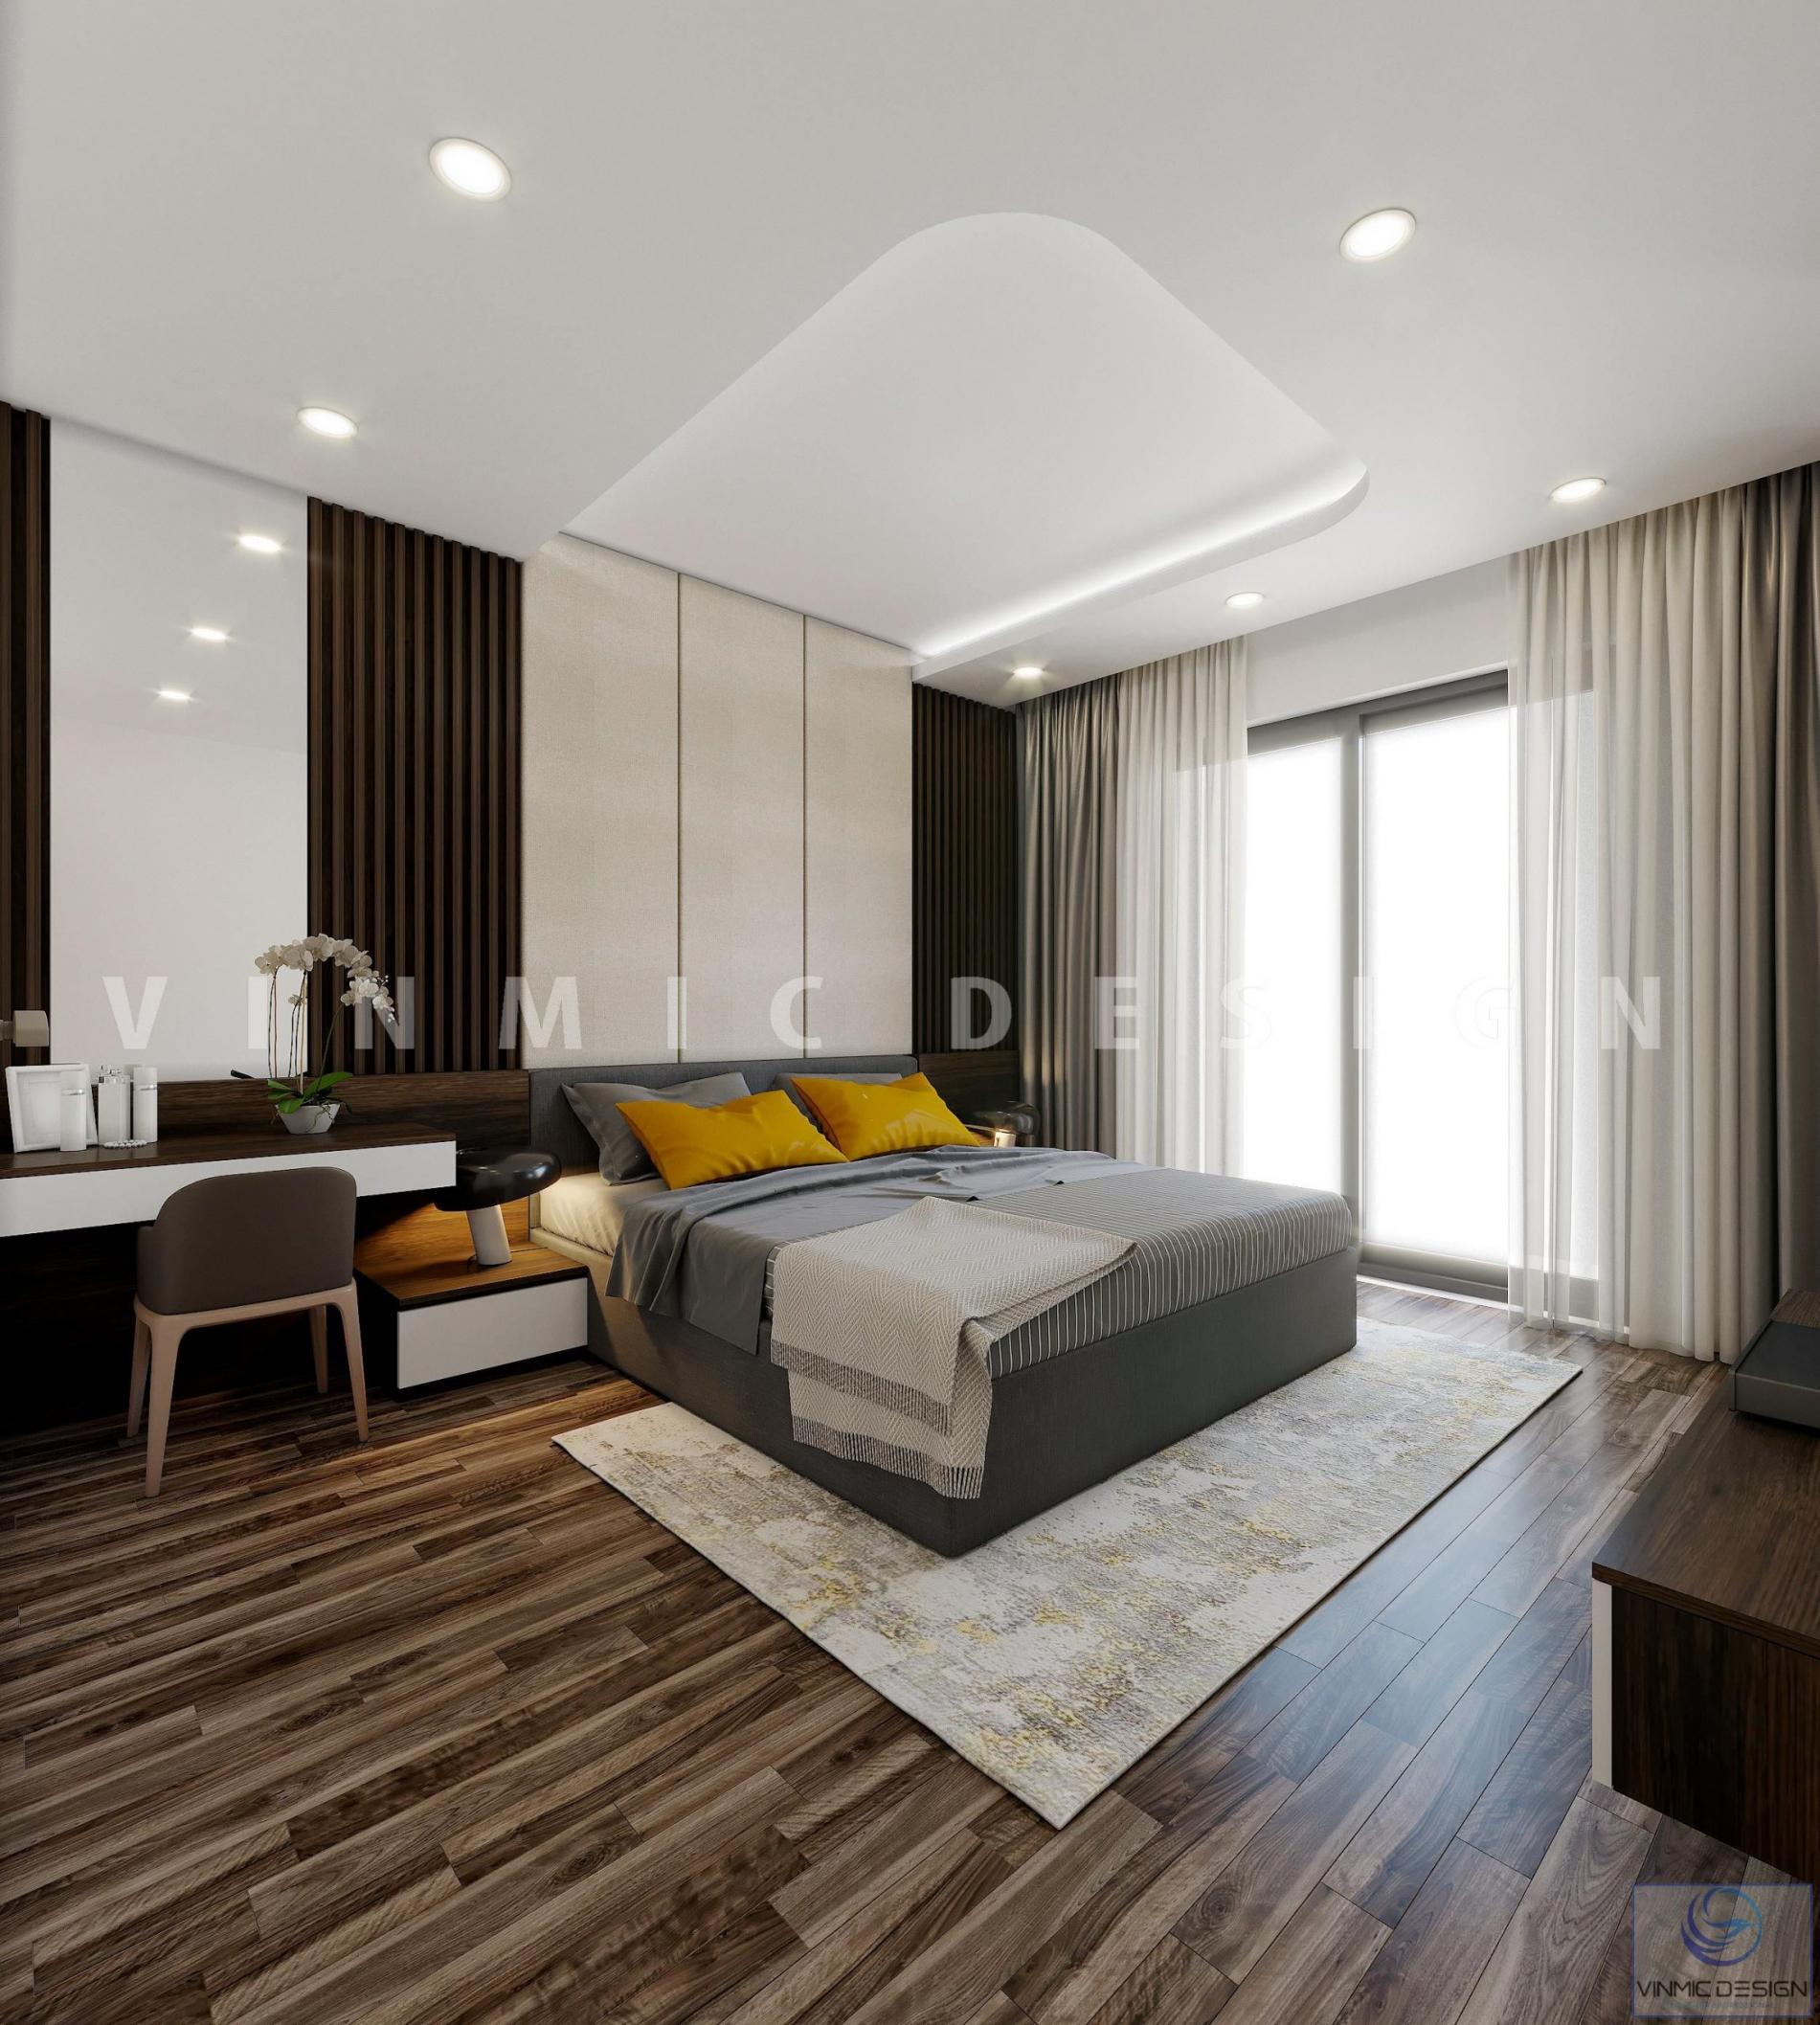 Thiết kế giường ngủ hiện đại tại biệt thự Vinhomes Marina Hải Phòng